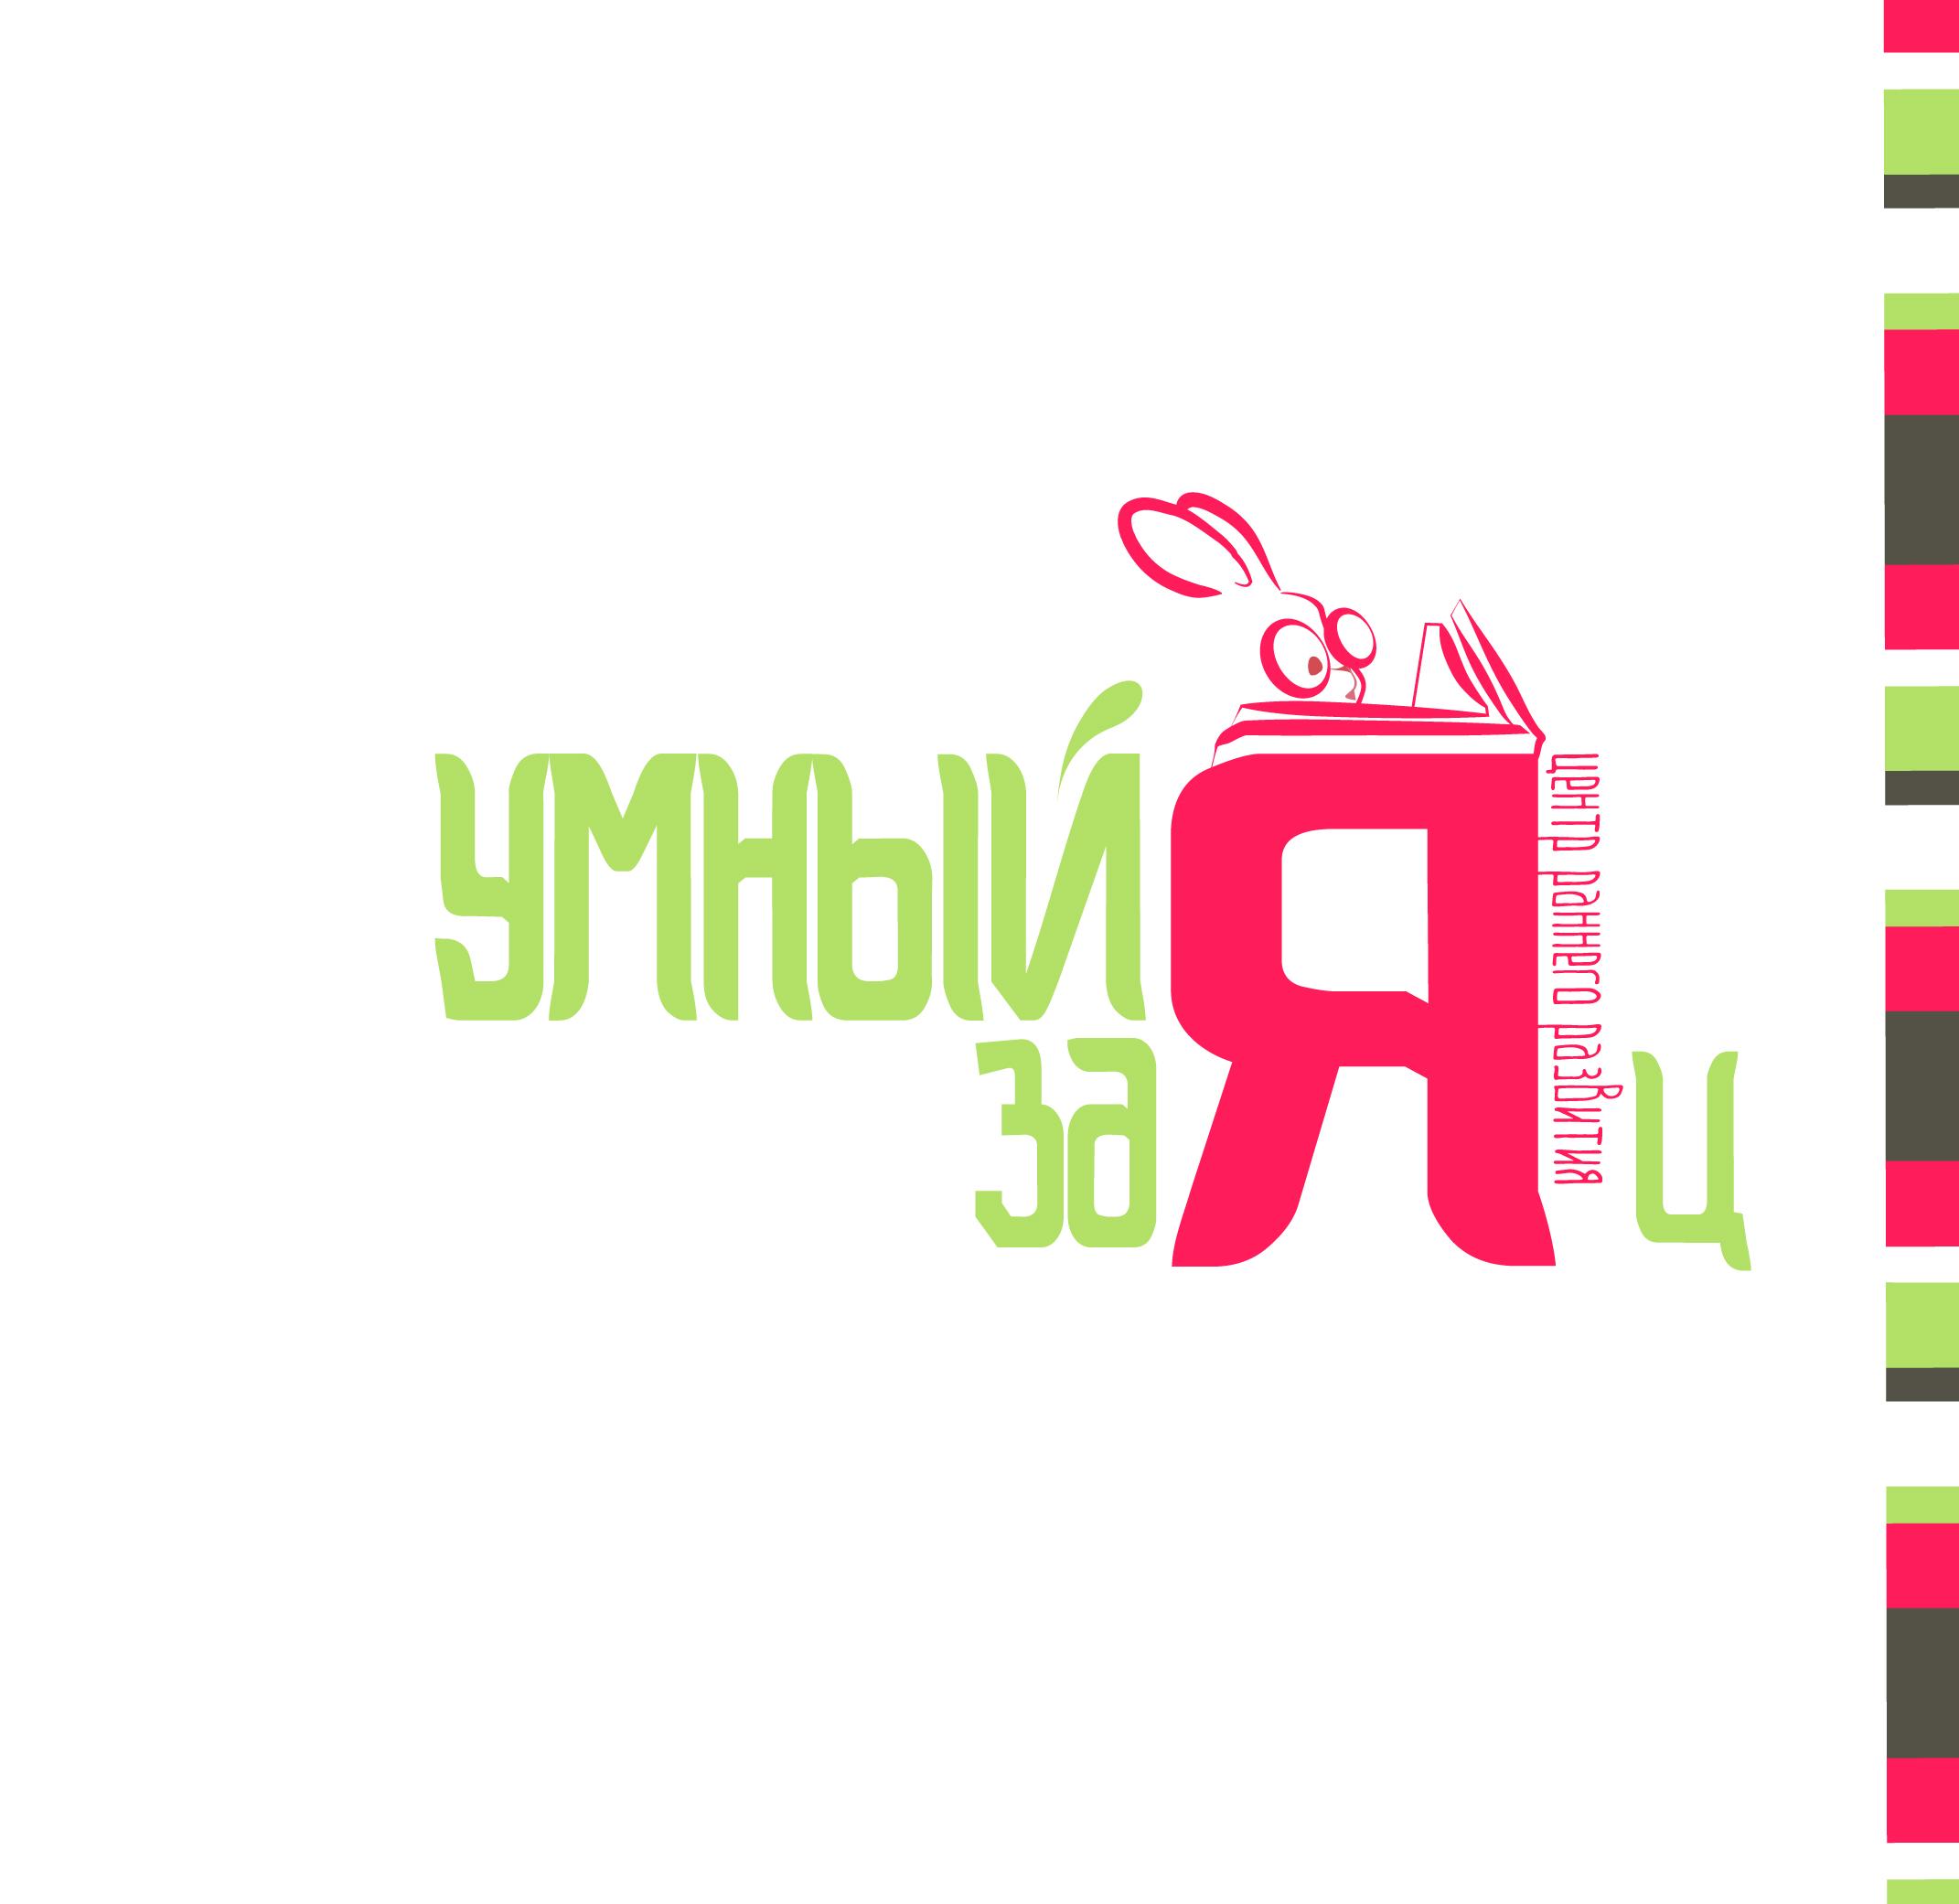 Разработать логотип и фирменный стиль детского клуба фото f_38655689ae67dd1d.jpg